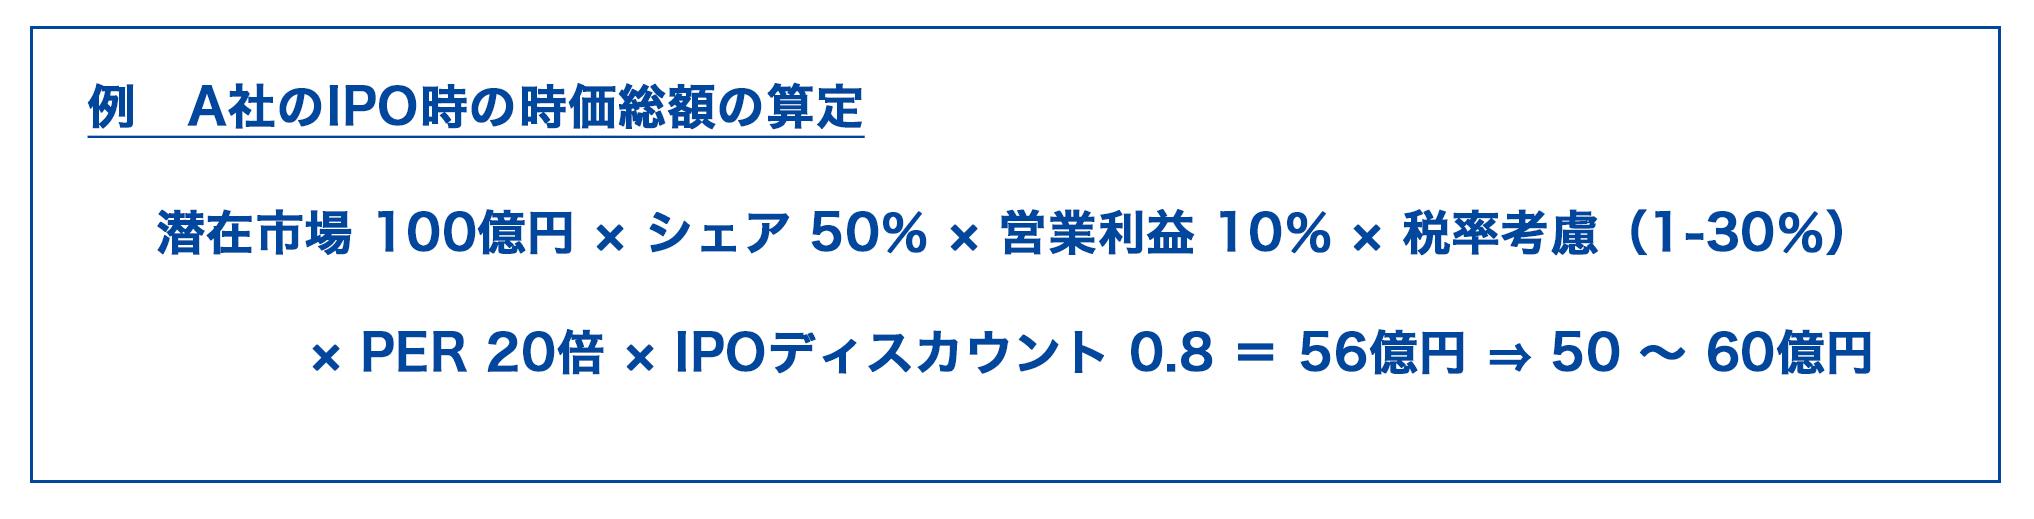 例 A社のIPO時の時価総額の算定